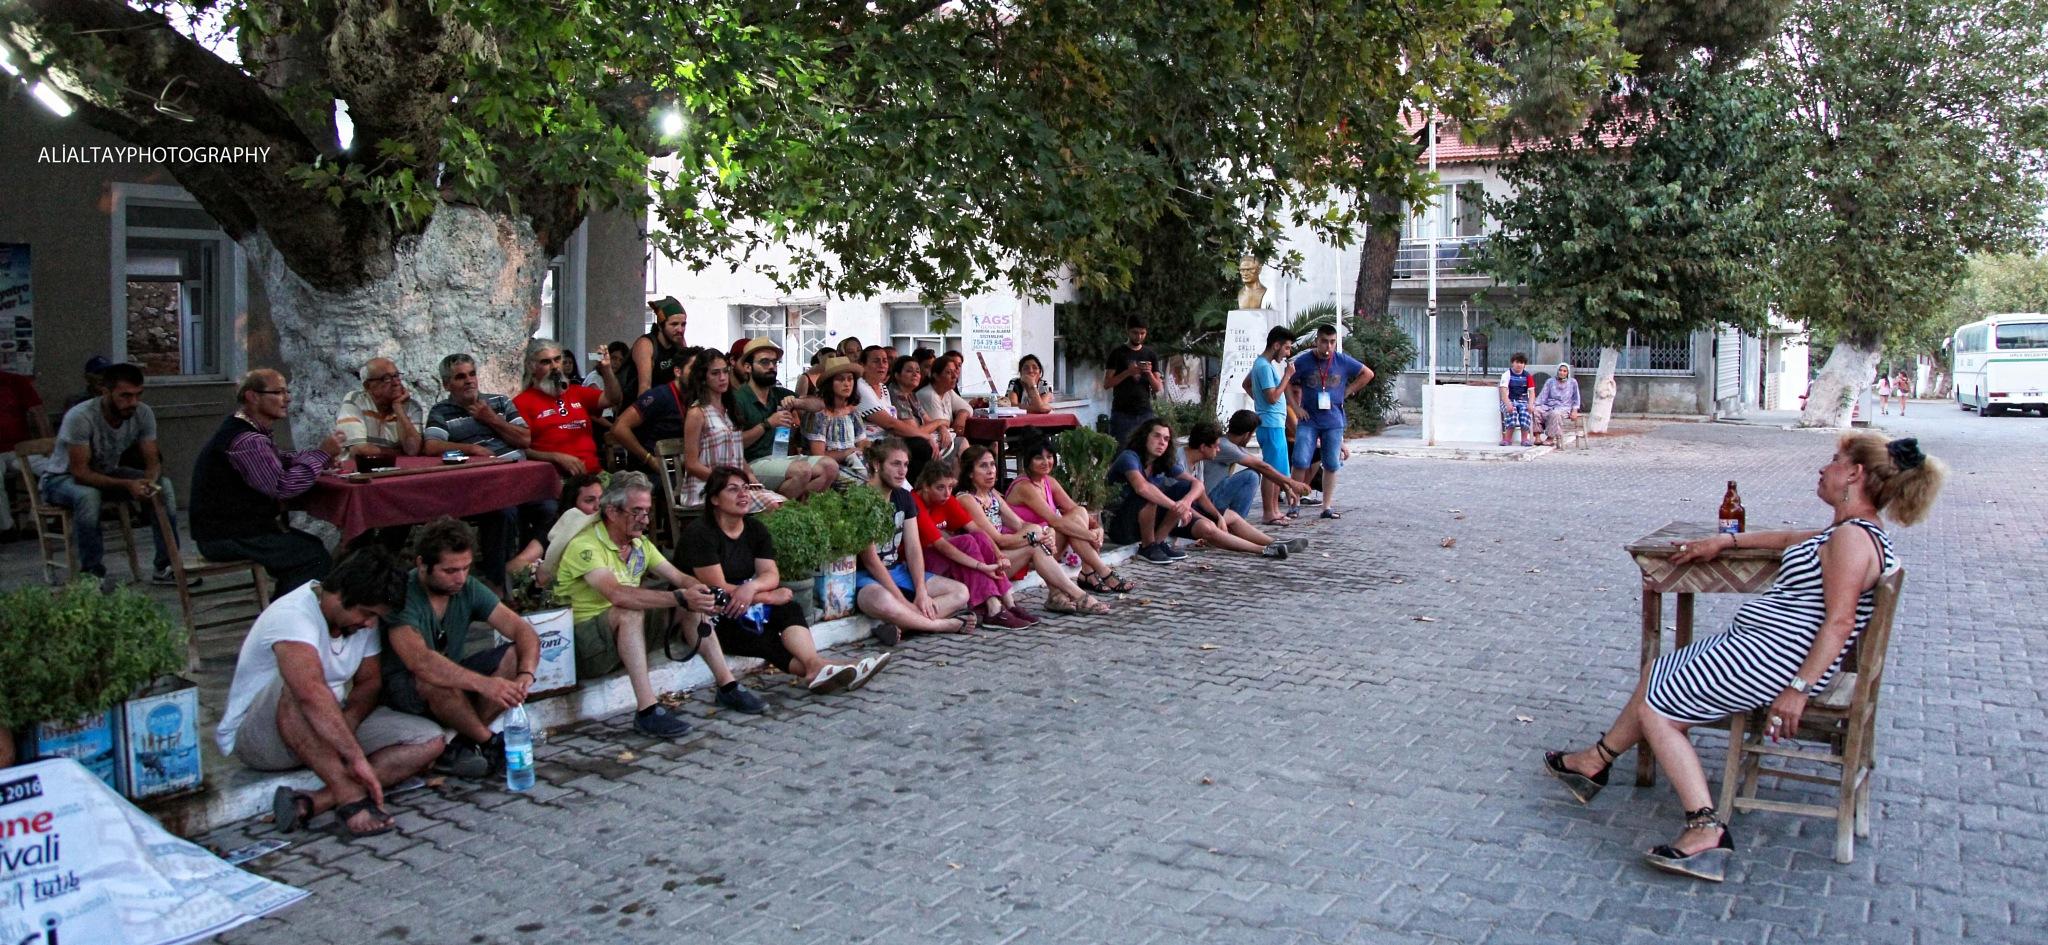 tiyatro sokakta by AliAltay